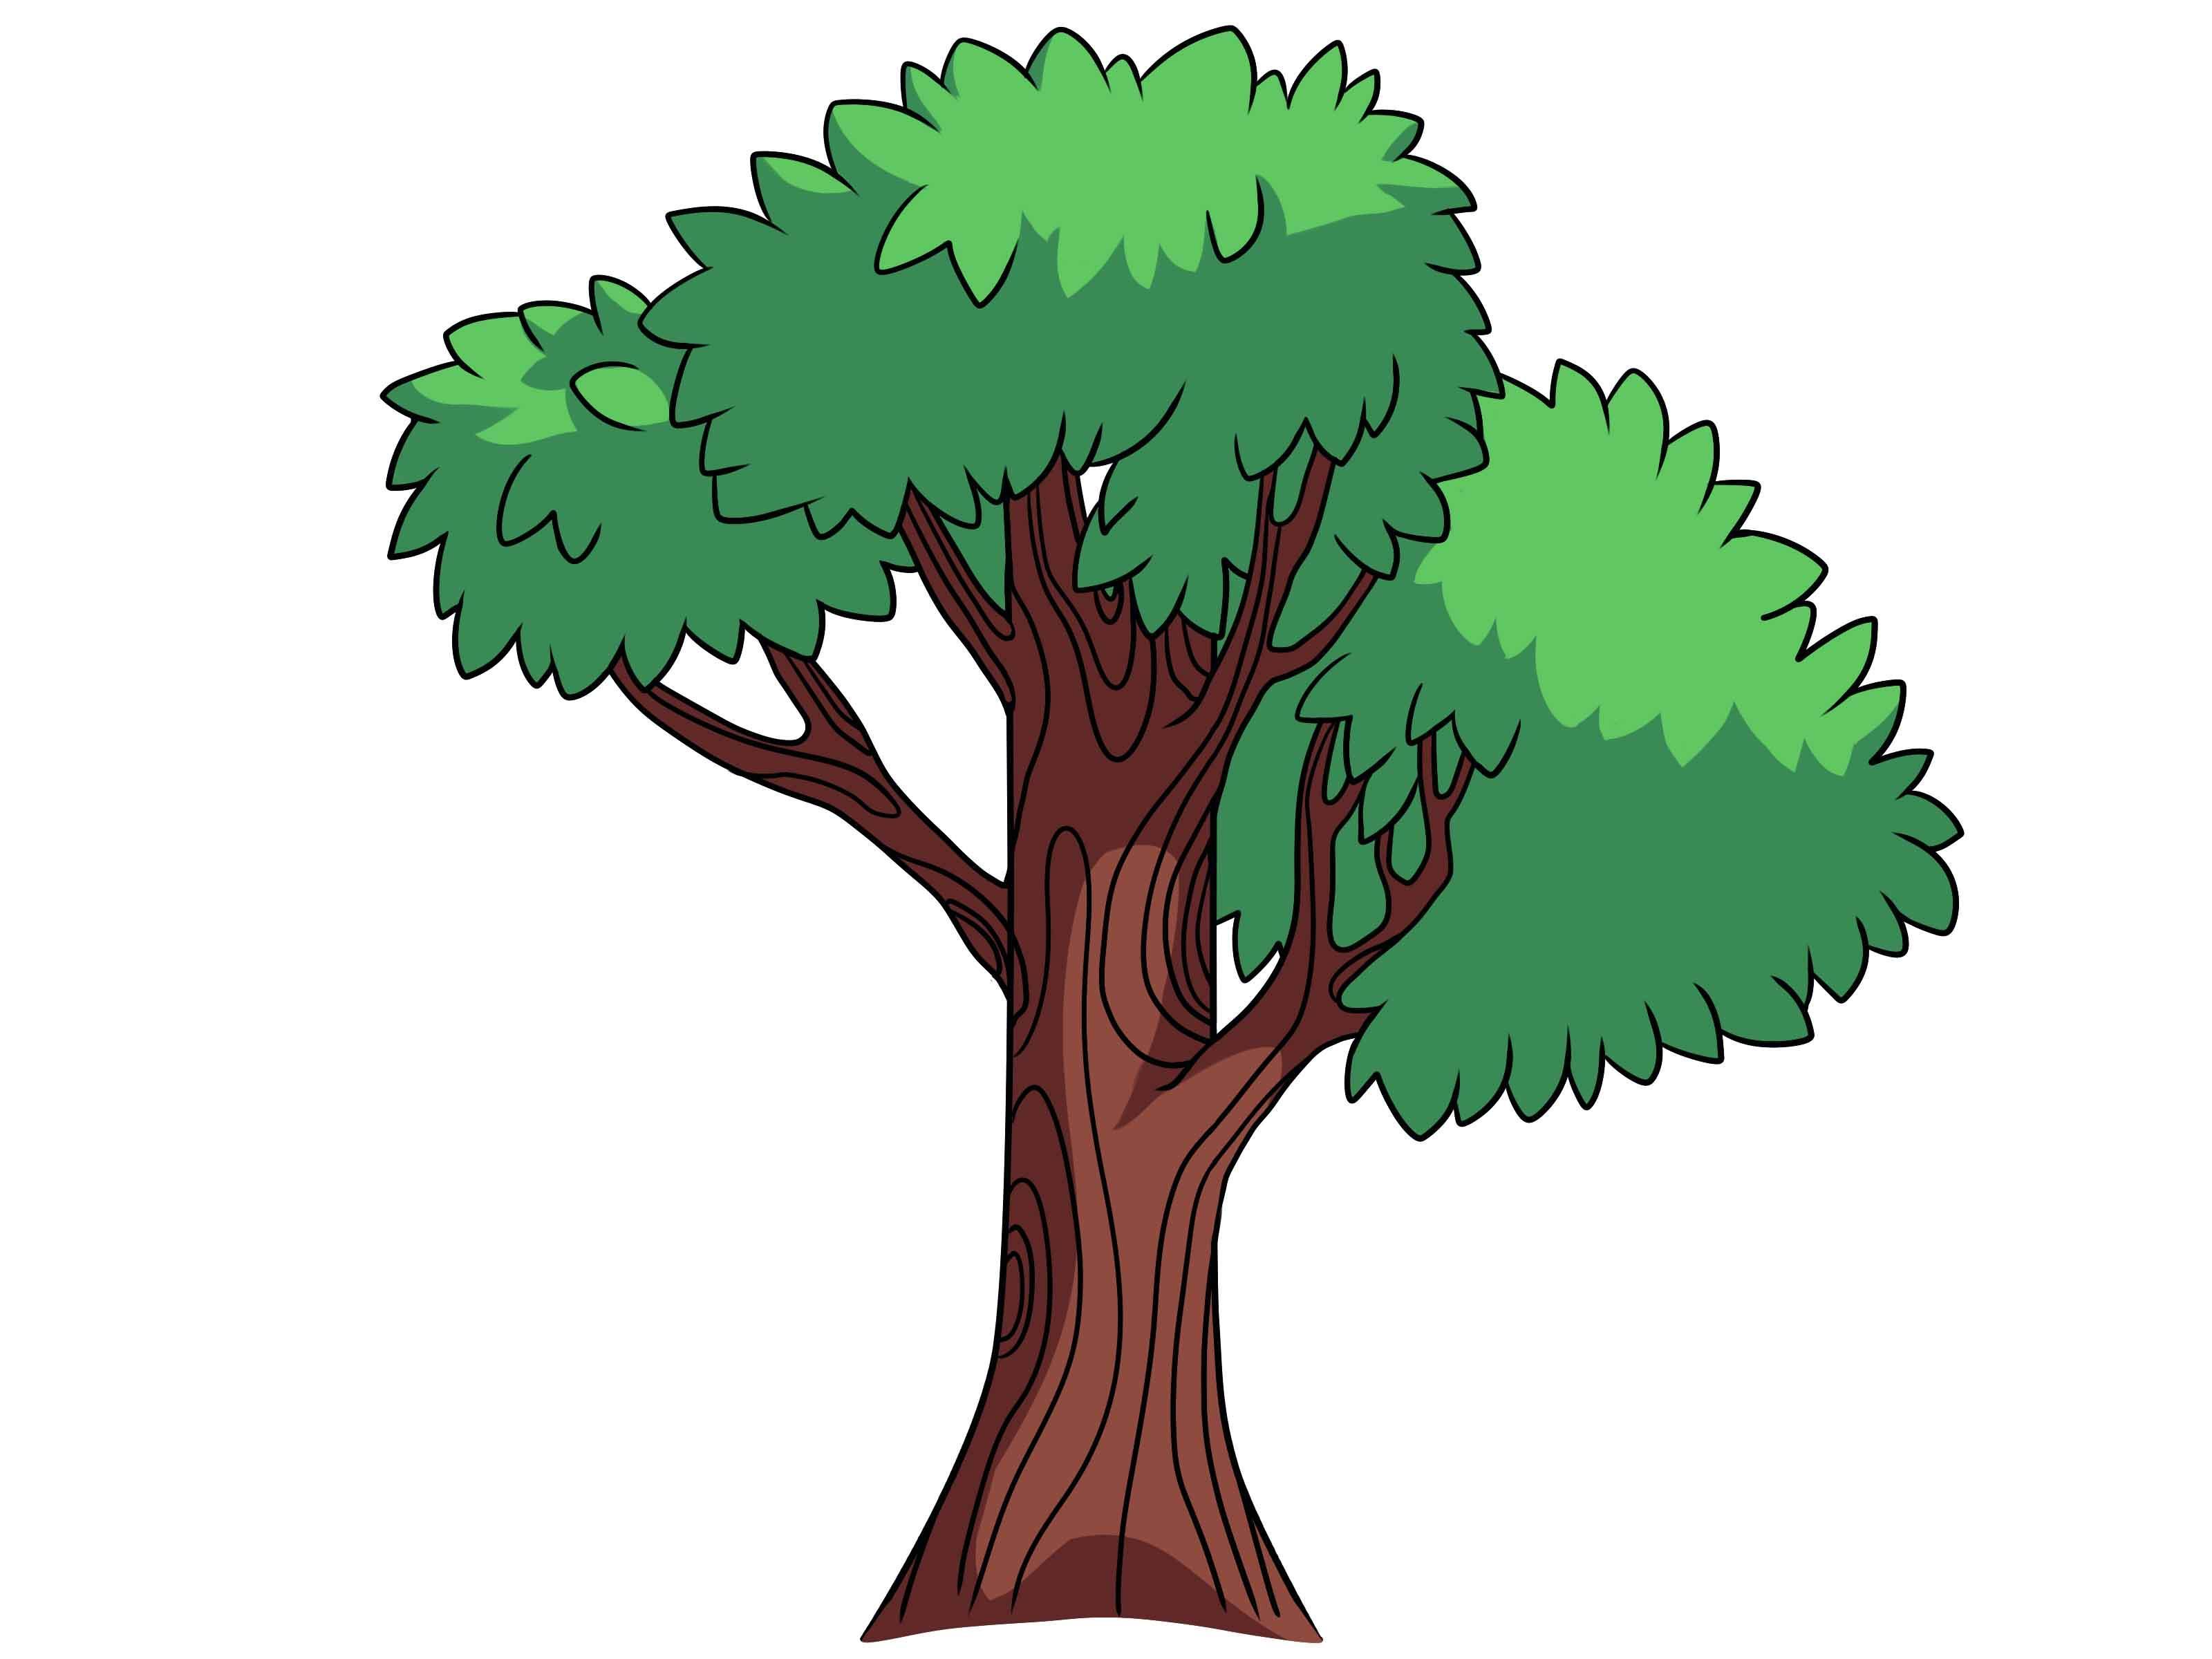 Картинка деревьев для детей без фона